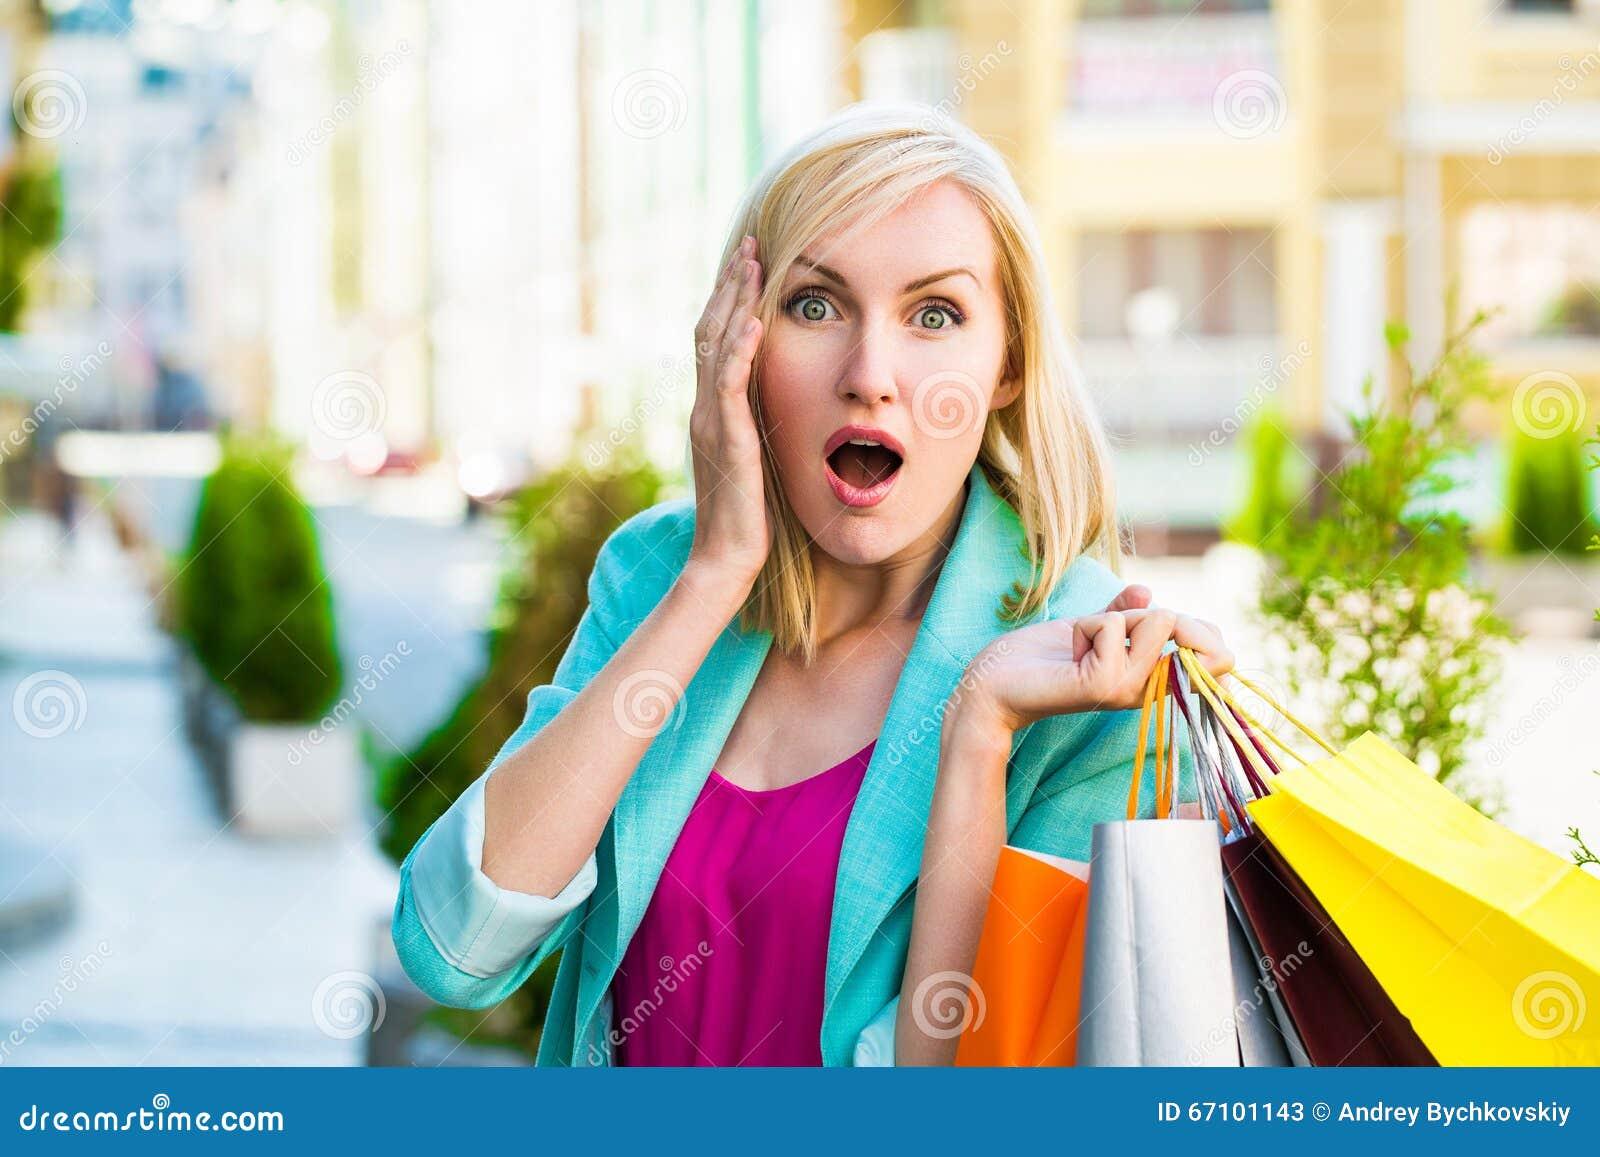 Verkauf, Einkaufen, Tourismus und Konzept der glücklichen Menschen - Schönheit mit Einkaufstaschen im ctiy